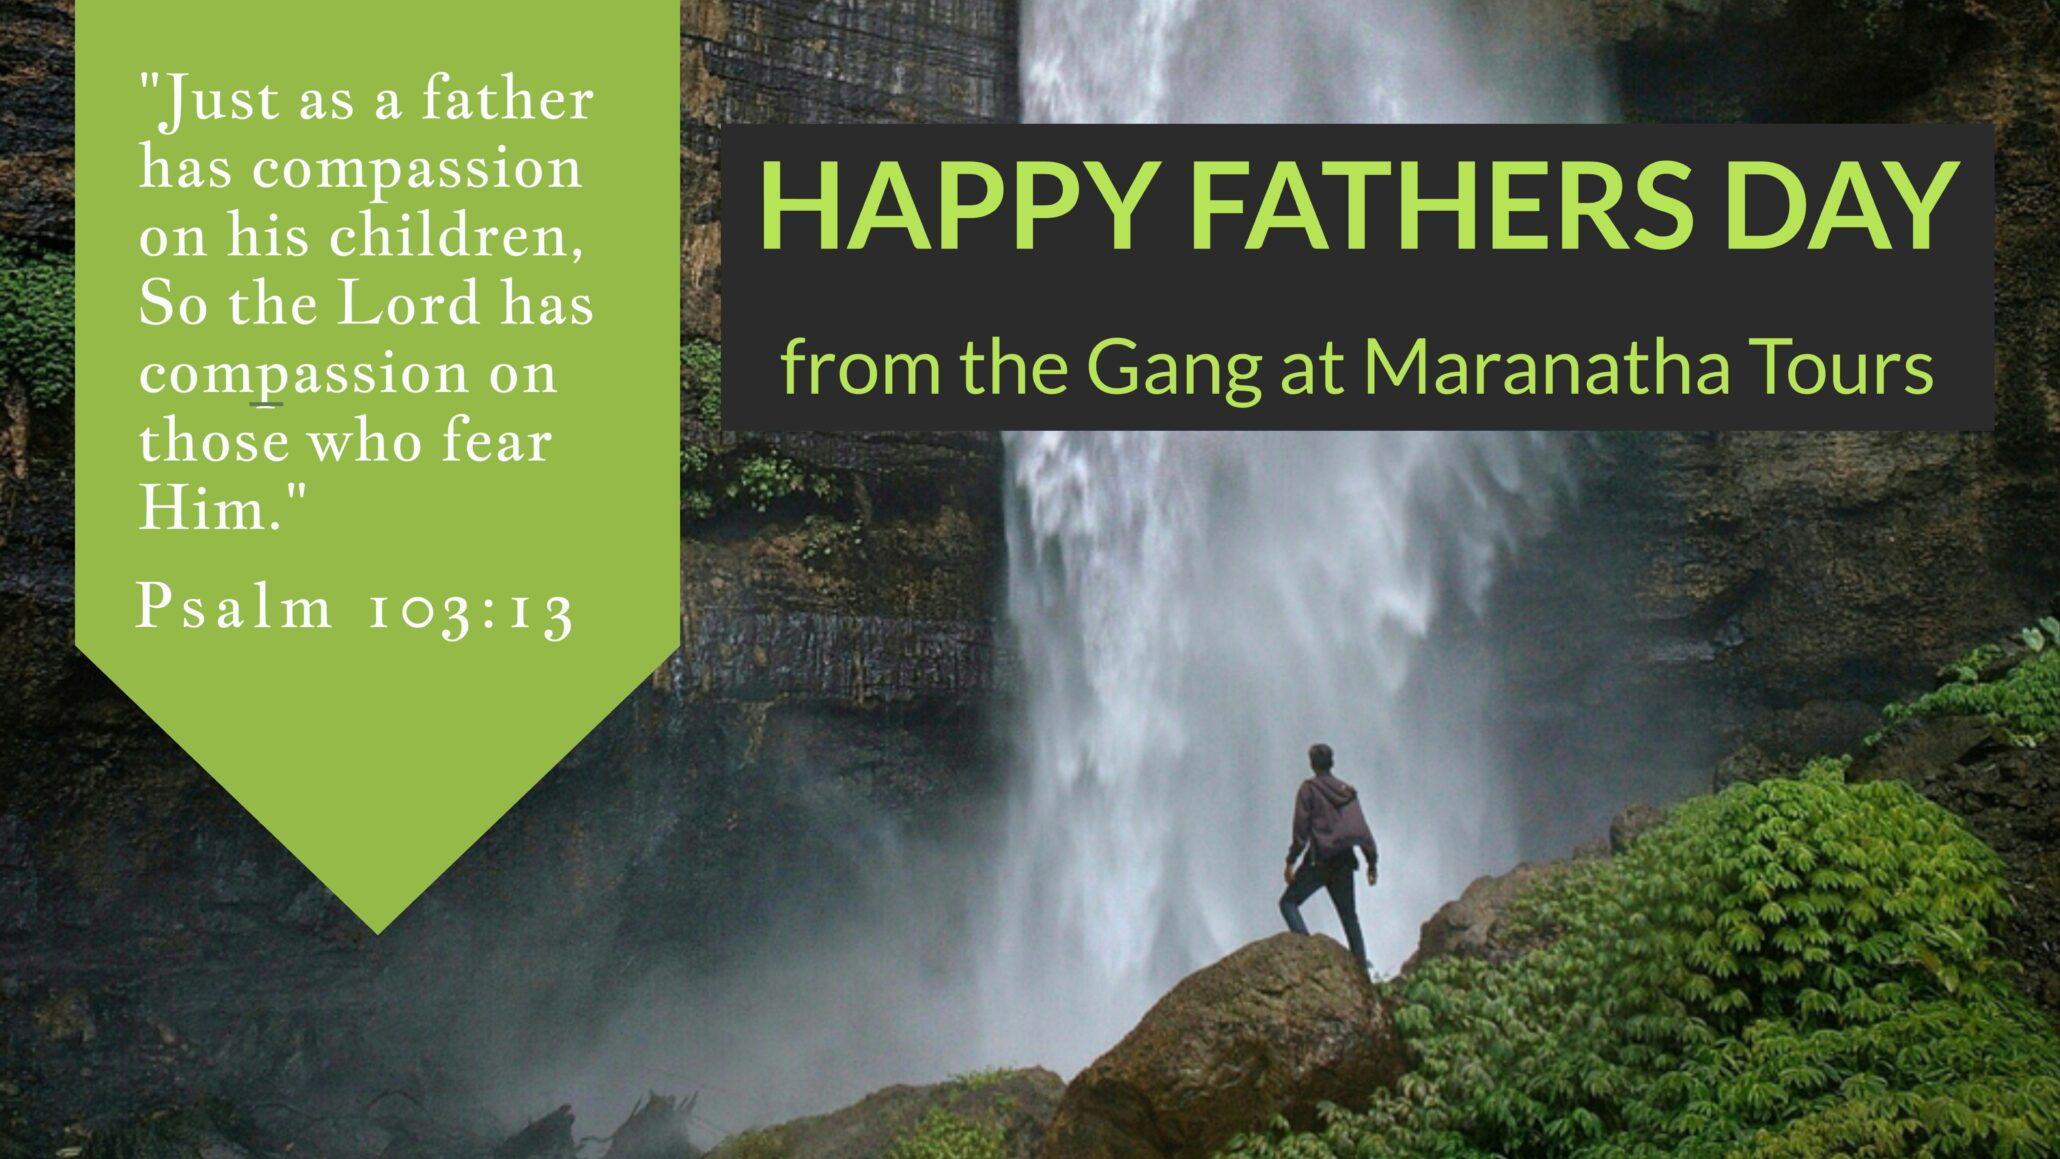 MaranathaTours.com